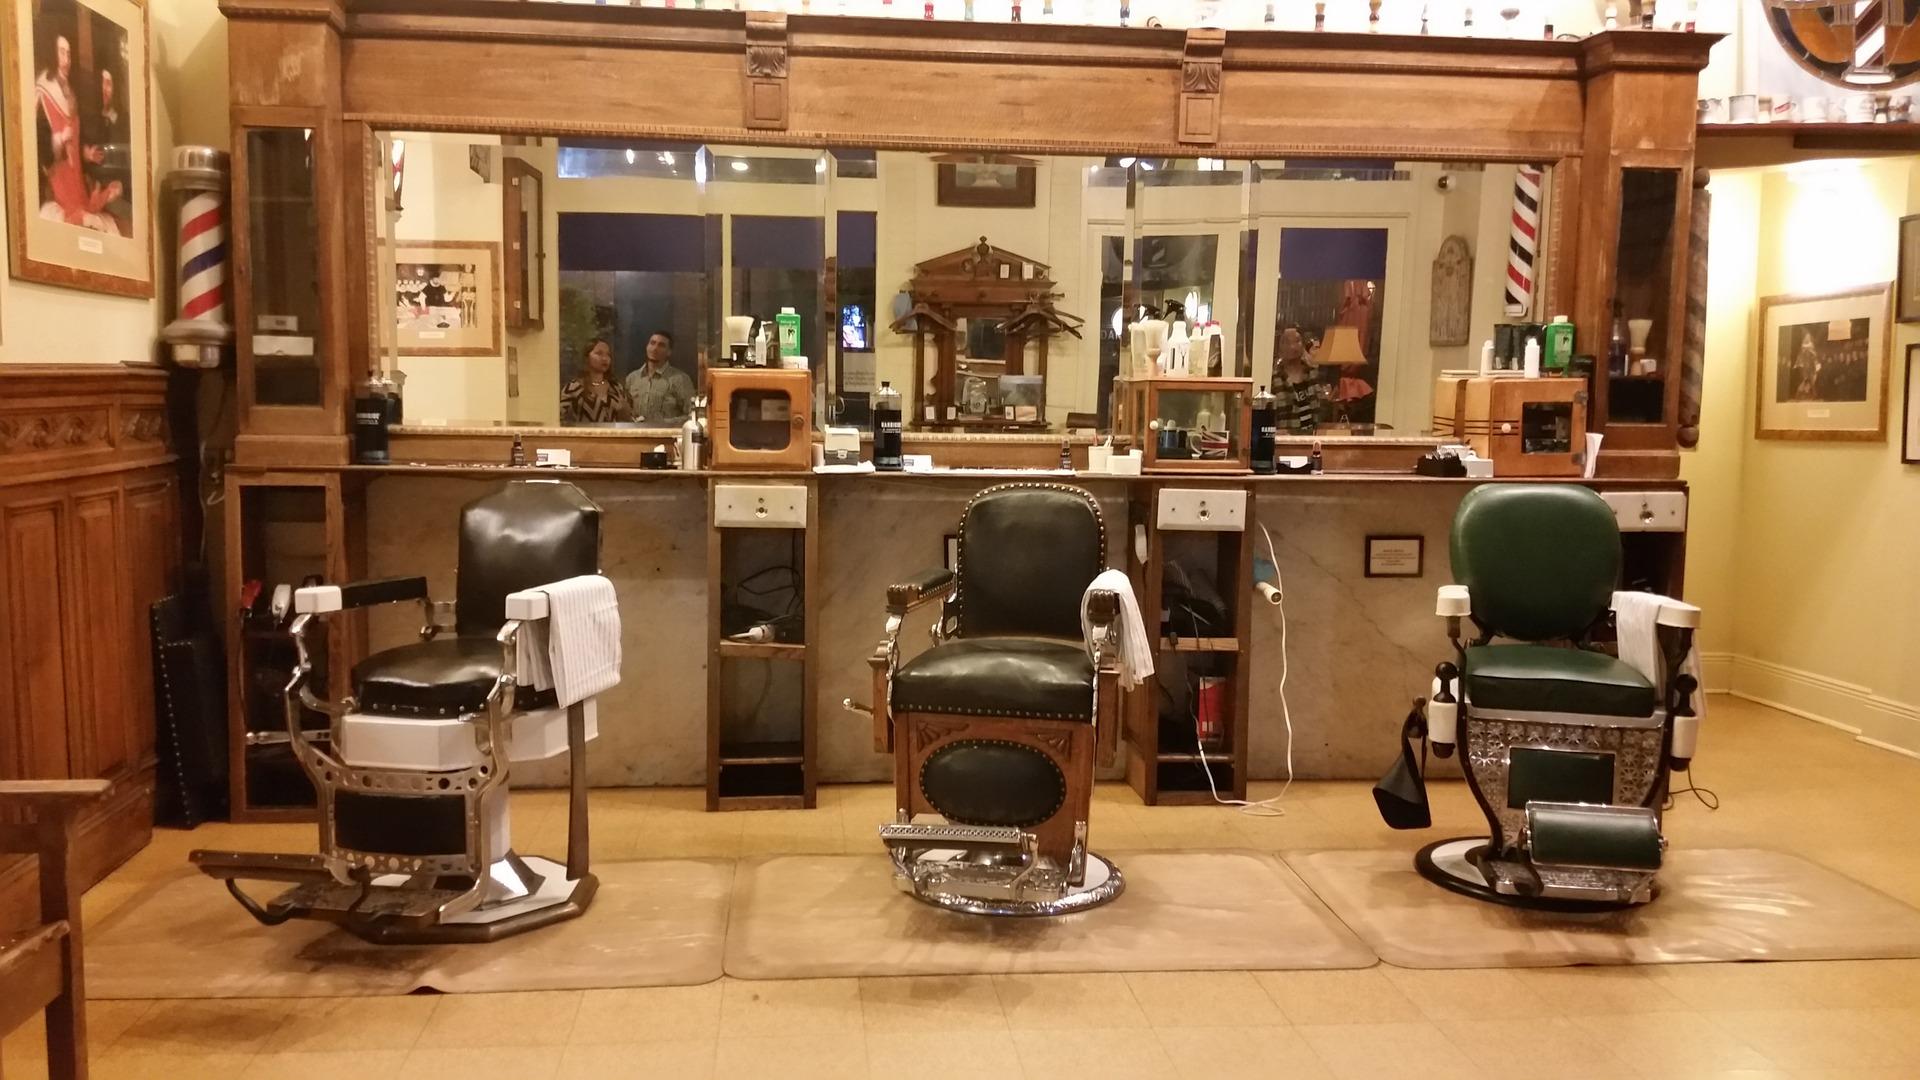 barbershop-1522487_1920.jpg